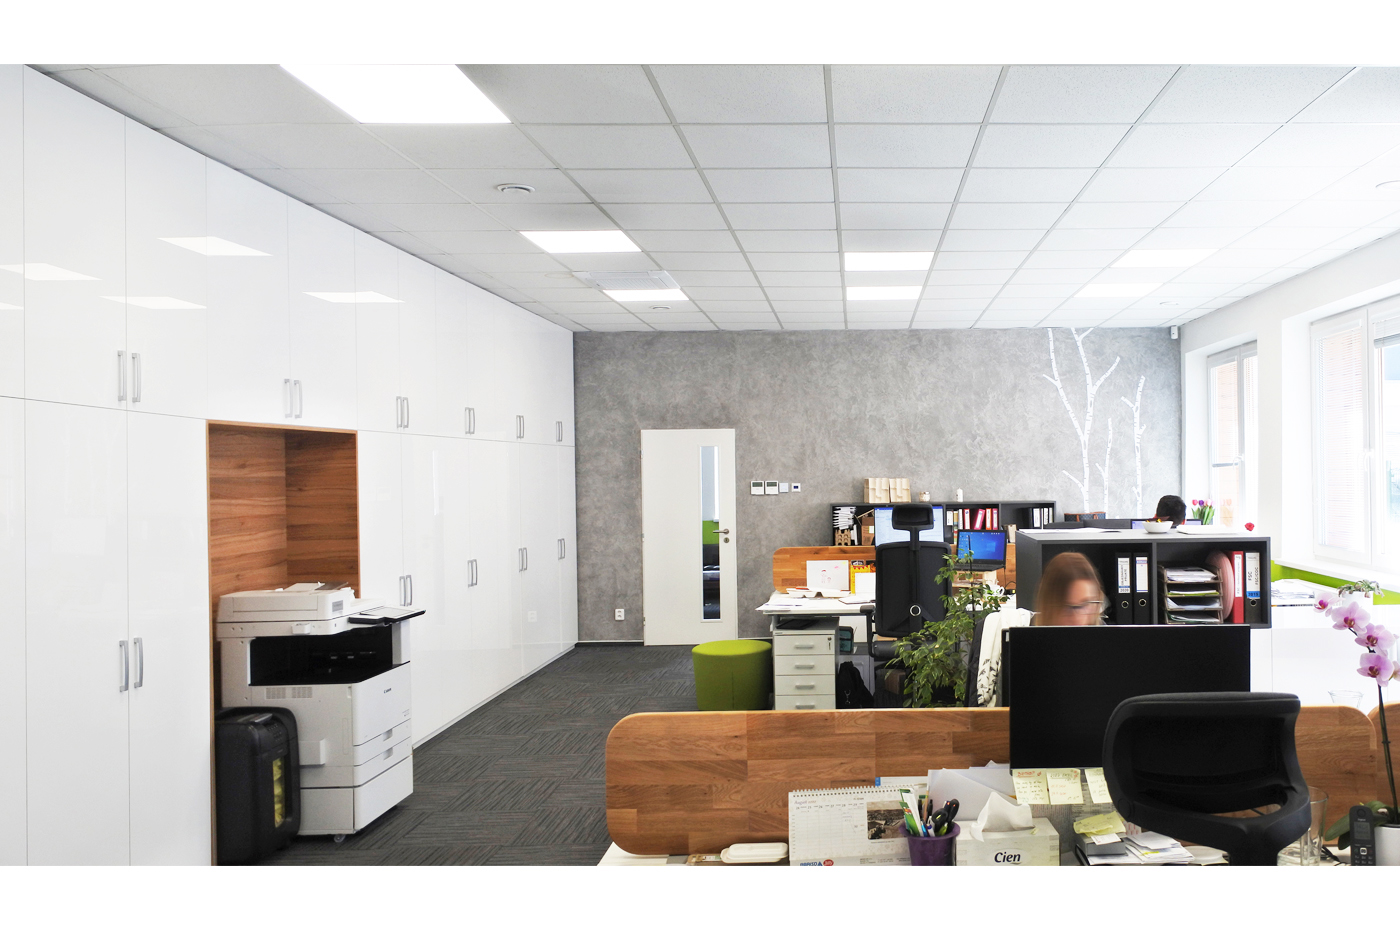 Celým prostorem prostupují materiály bílý lesk, betonová stěrka, dřevo a grafika stylizovaných bříz.